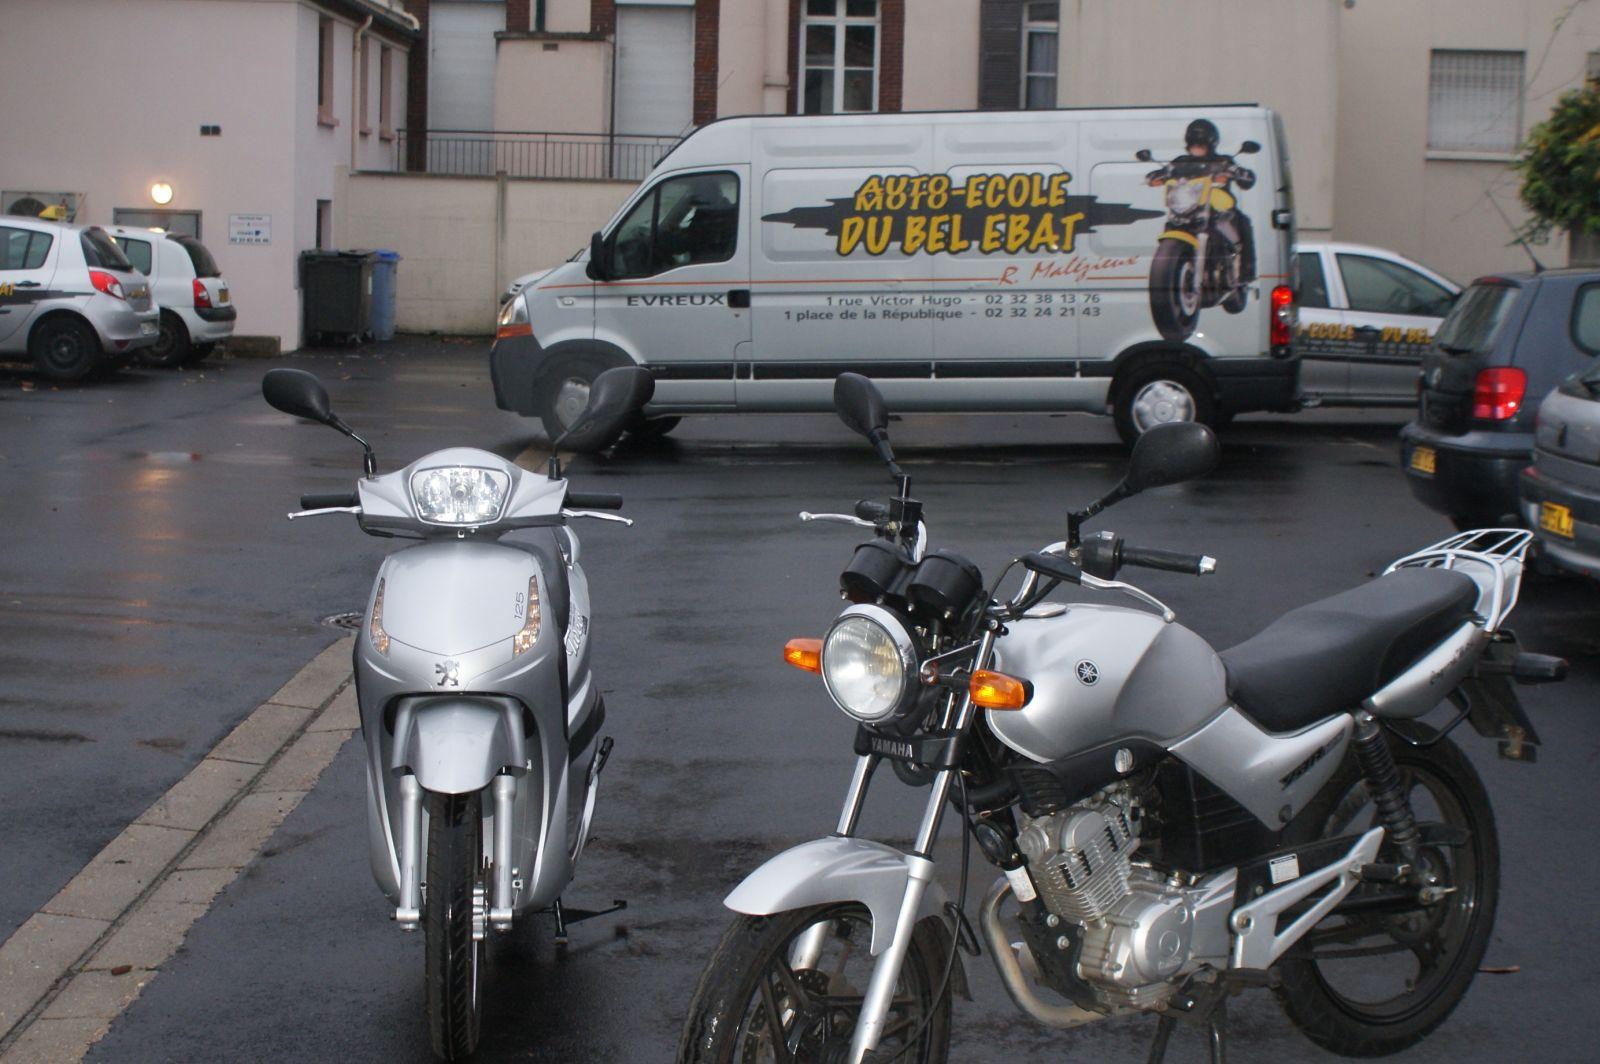 la 125 Yamaha et le Scooter 125 Peugeot